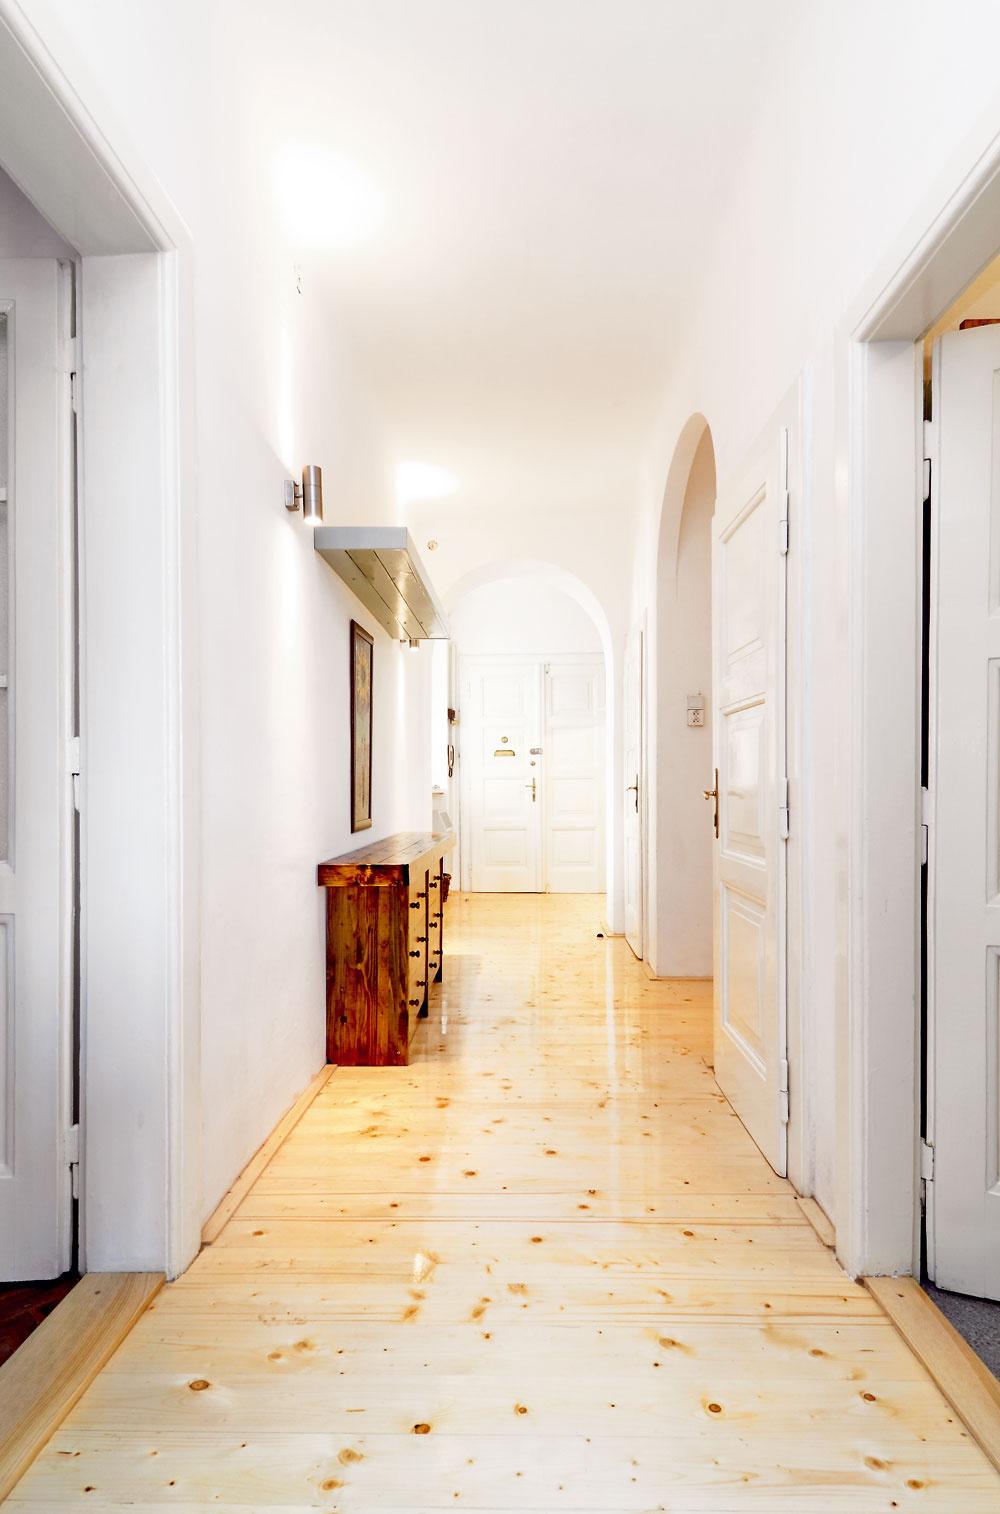 """Vysoké stropy apôvodné kazetové dvere sa priznávajú kminulosti spred takmer 90 rokov. """"Neviem pochopiť, prečo si ľudia kúpia starý byt, apotom sa snažia prerobiť ho na moderný – znižujú stropy, vyhadzujú staré dvere... Ja som sa, naopak, snažil robiť do pôvodného vybavenia čo najmenej zásahov,"""" hovorí autor interiéru, architekt Viliam Krížik. Aj vďaka tomu stál materiál potrebný na rekonštrukciu len asi 6 000 €."""